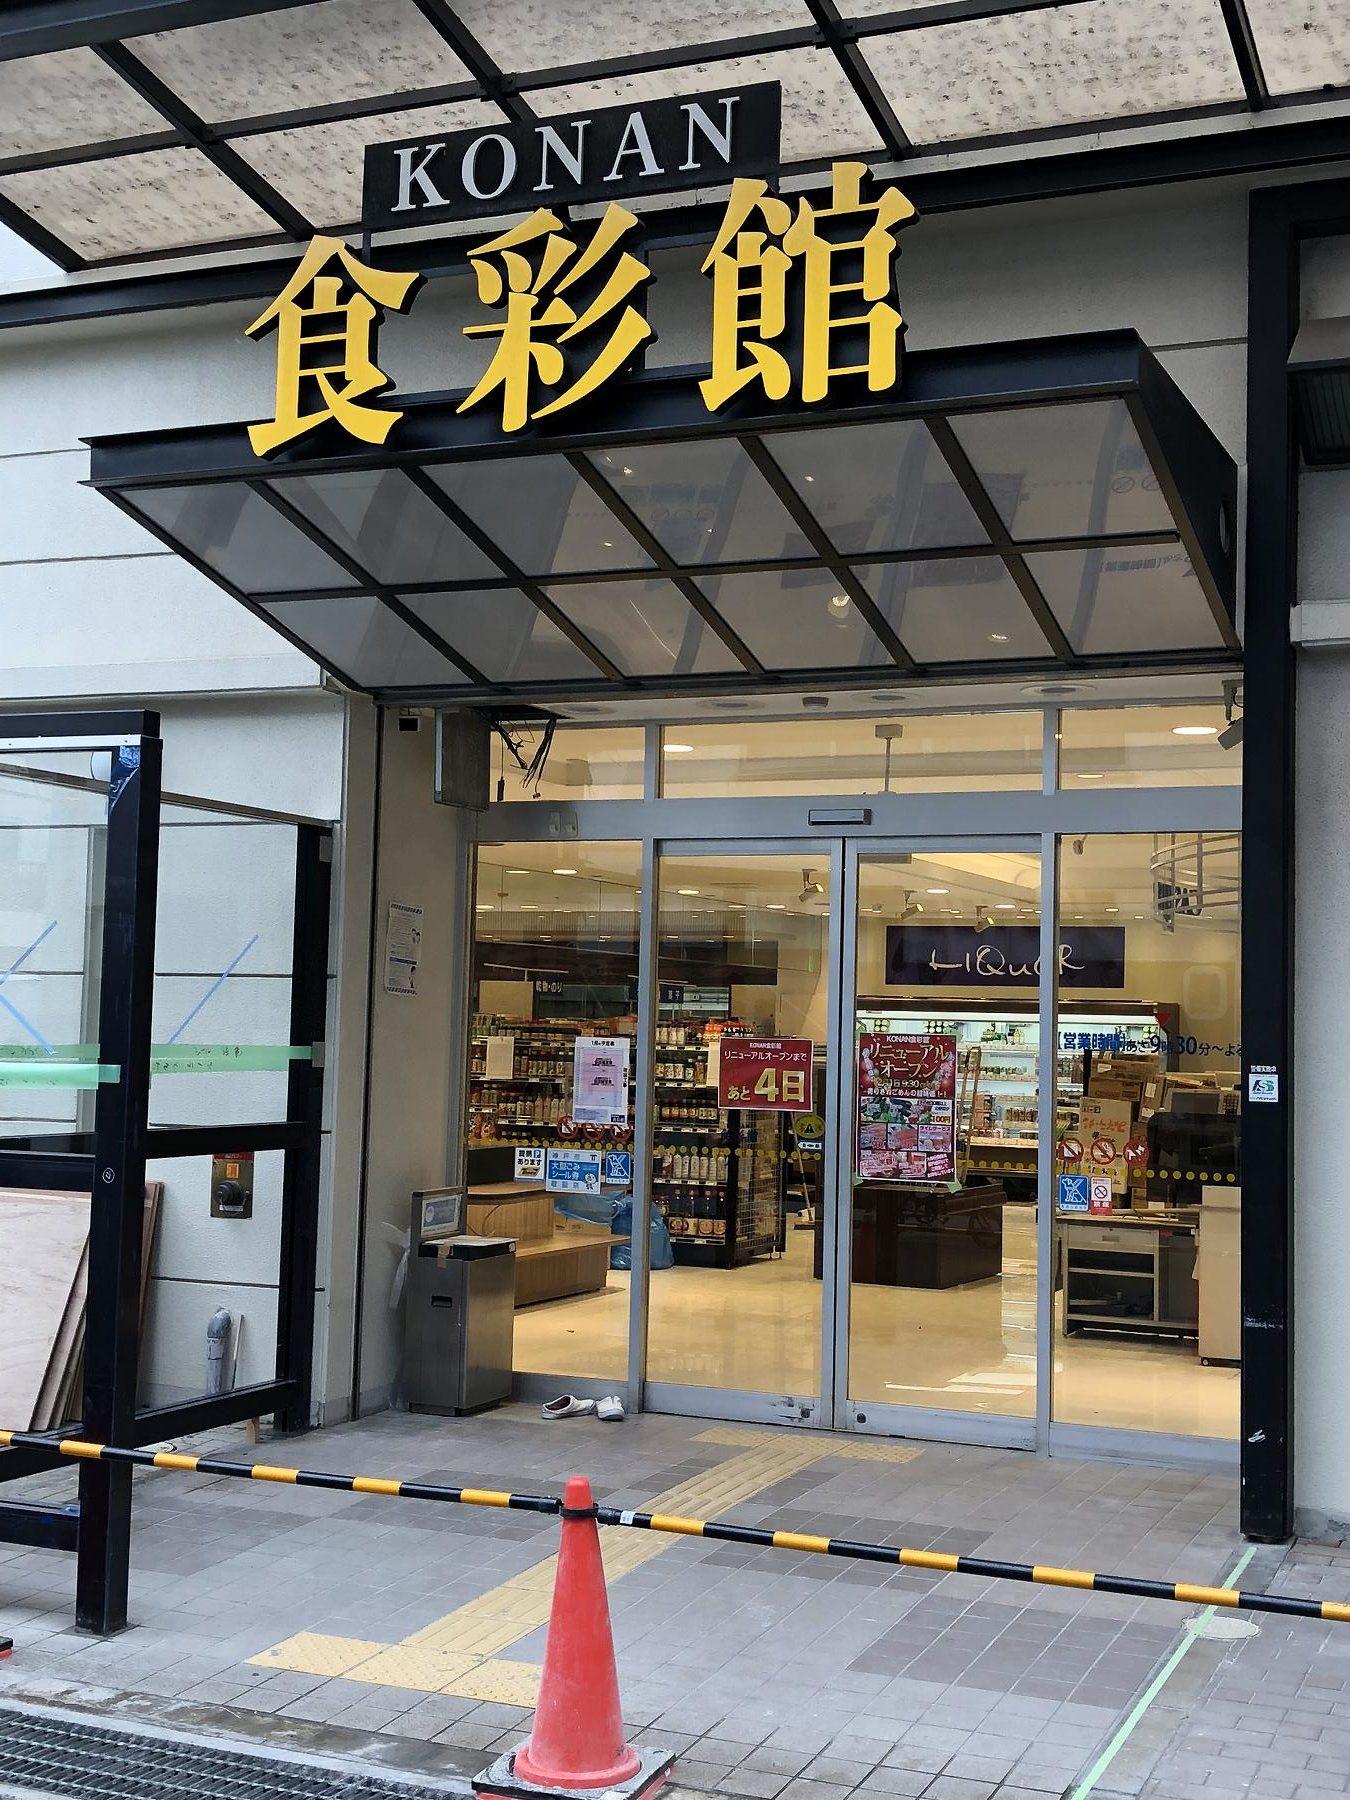 東灘・甲南本通商店街にある「 #KONAN食彩館 」が2月1日(木)リニューアルオープンするよ! #リニューアルオープン #甲南本通商店街 #甲南食彩館